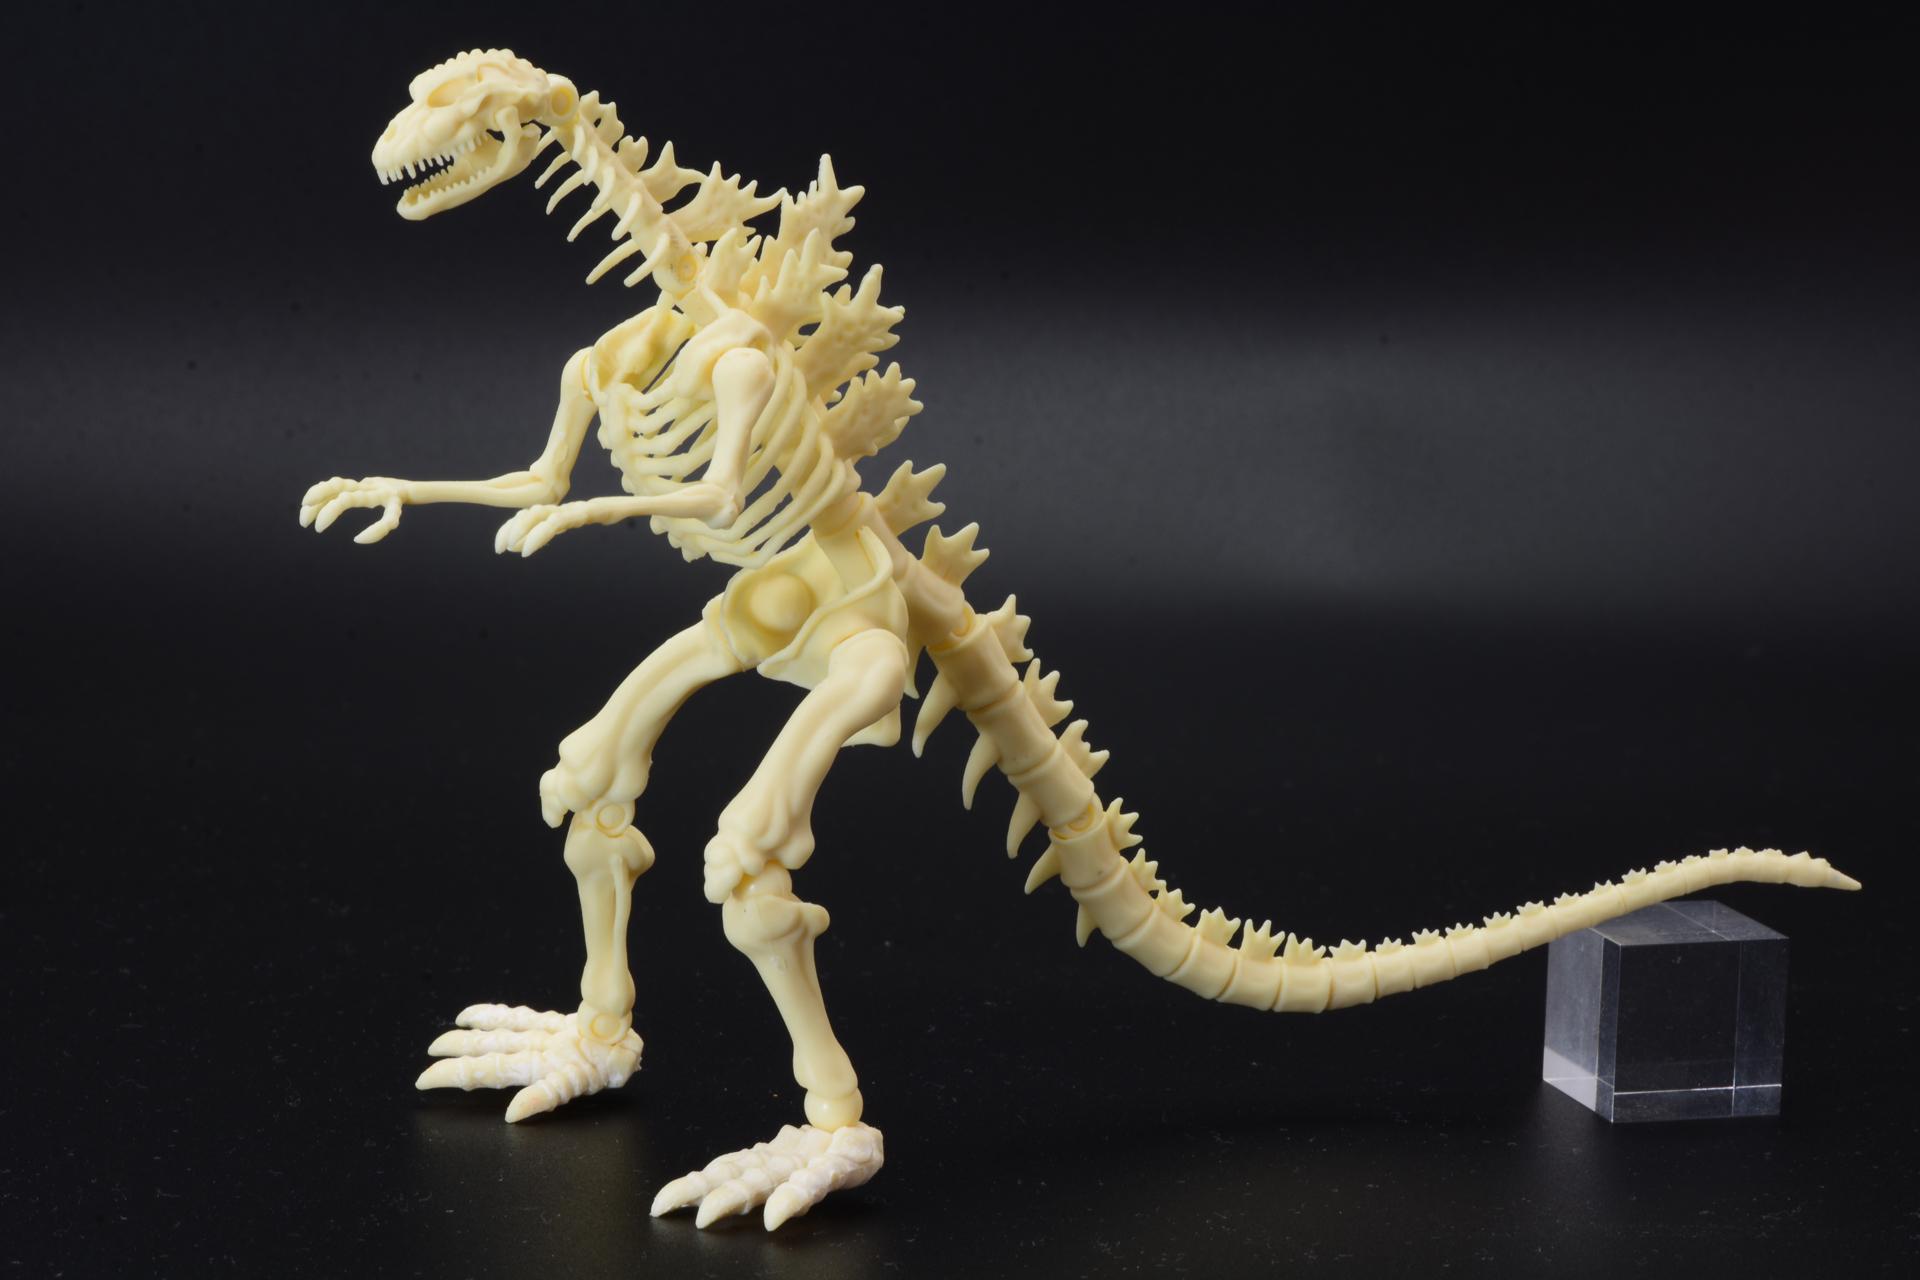 骨格モデルでありながらきちんとゴジラの持つ迫力が伝わってくるのは、「VSシリーズ」でもデザイナーとしても関わった、西川伸司氏だからこそのこだわりが込められているからだ